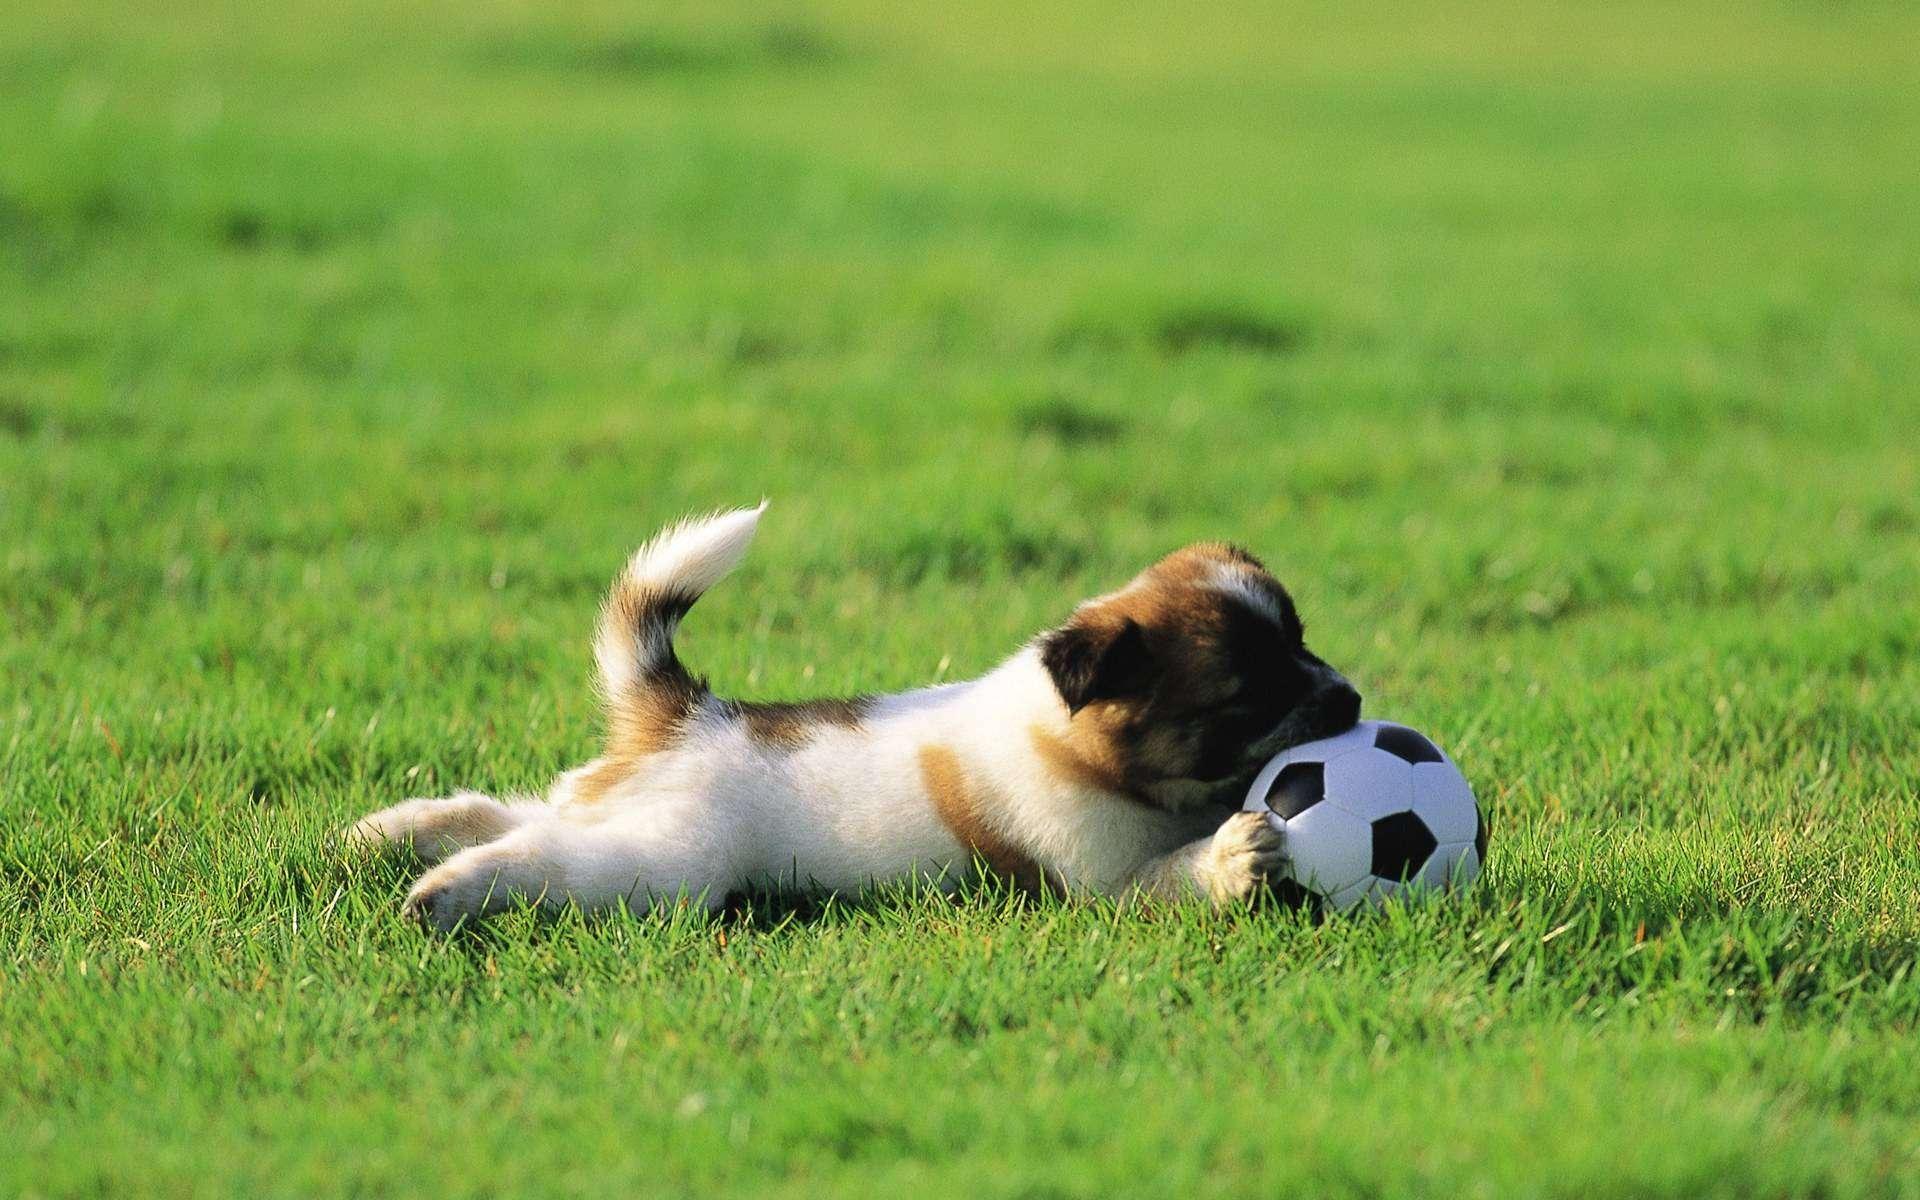 小狗狗缺钙会出现什么情况?要如何为狗狗补钙呢?